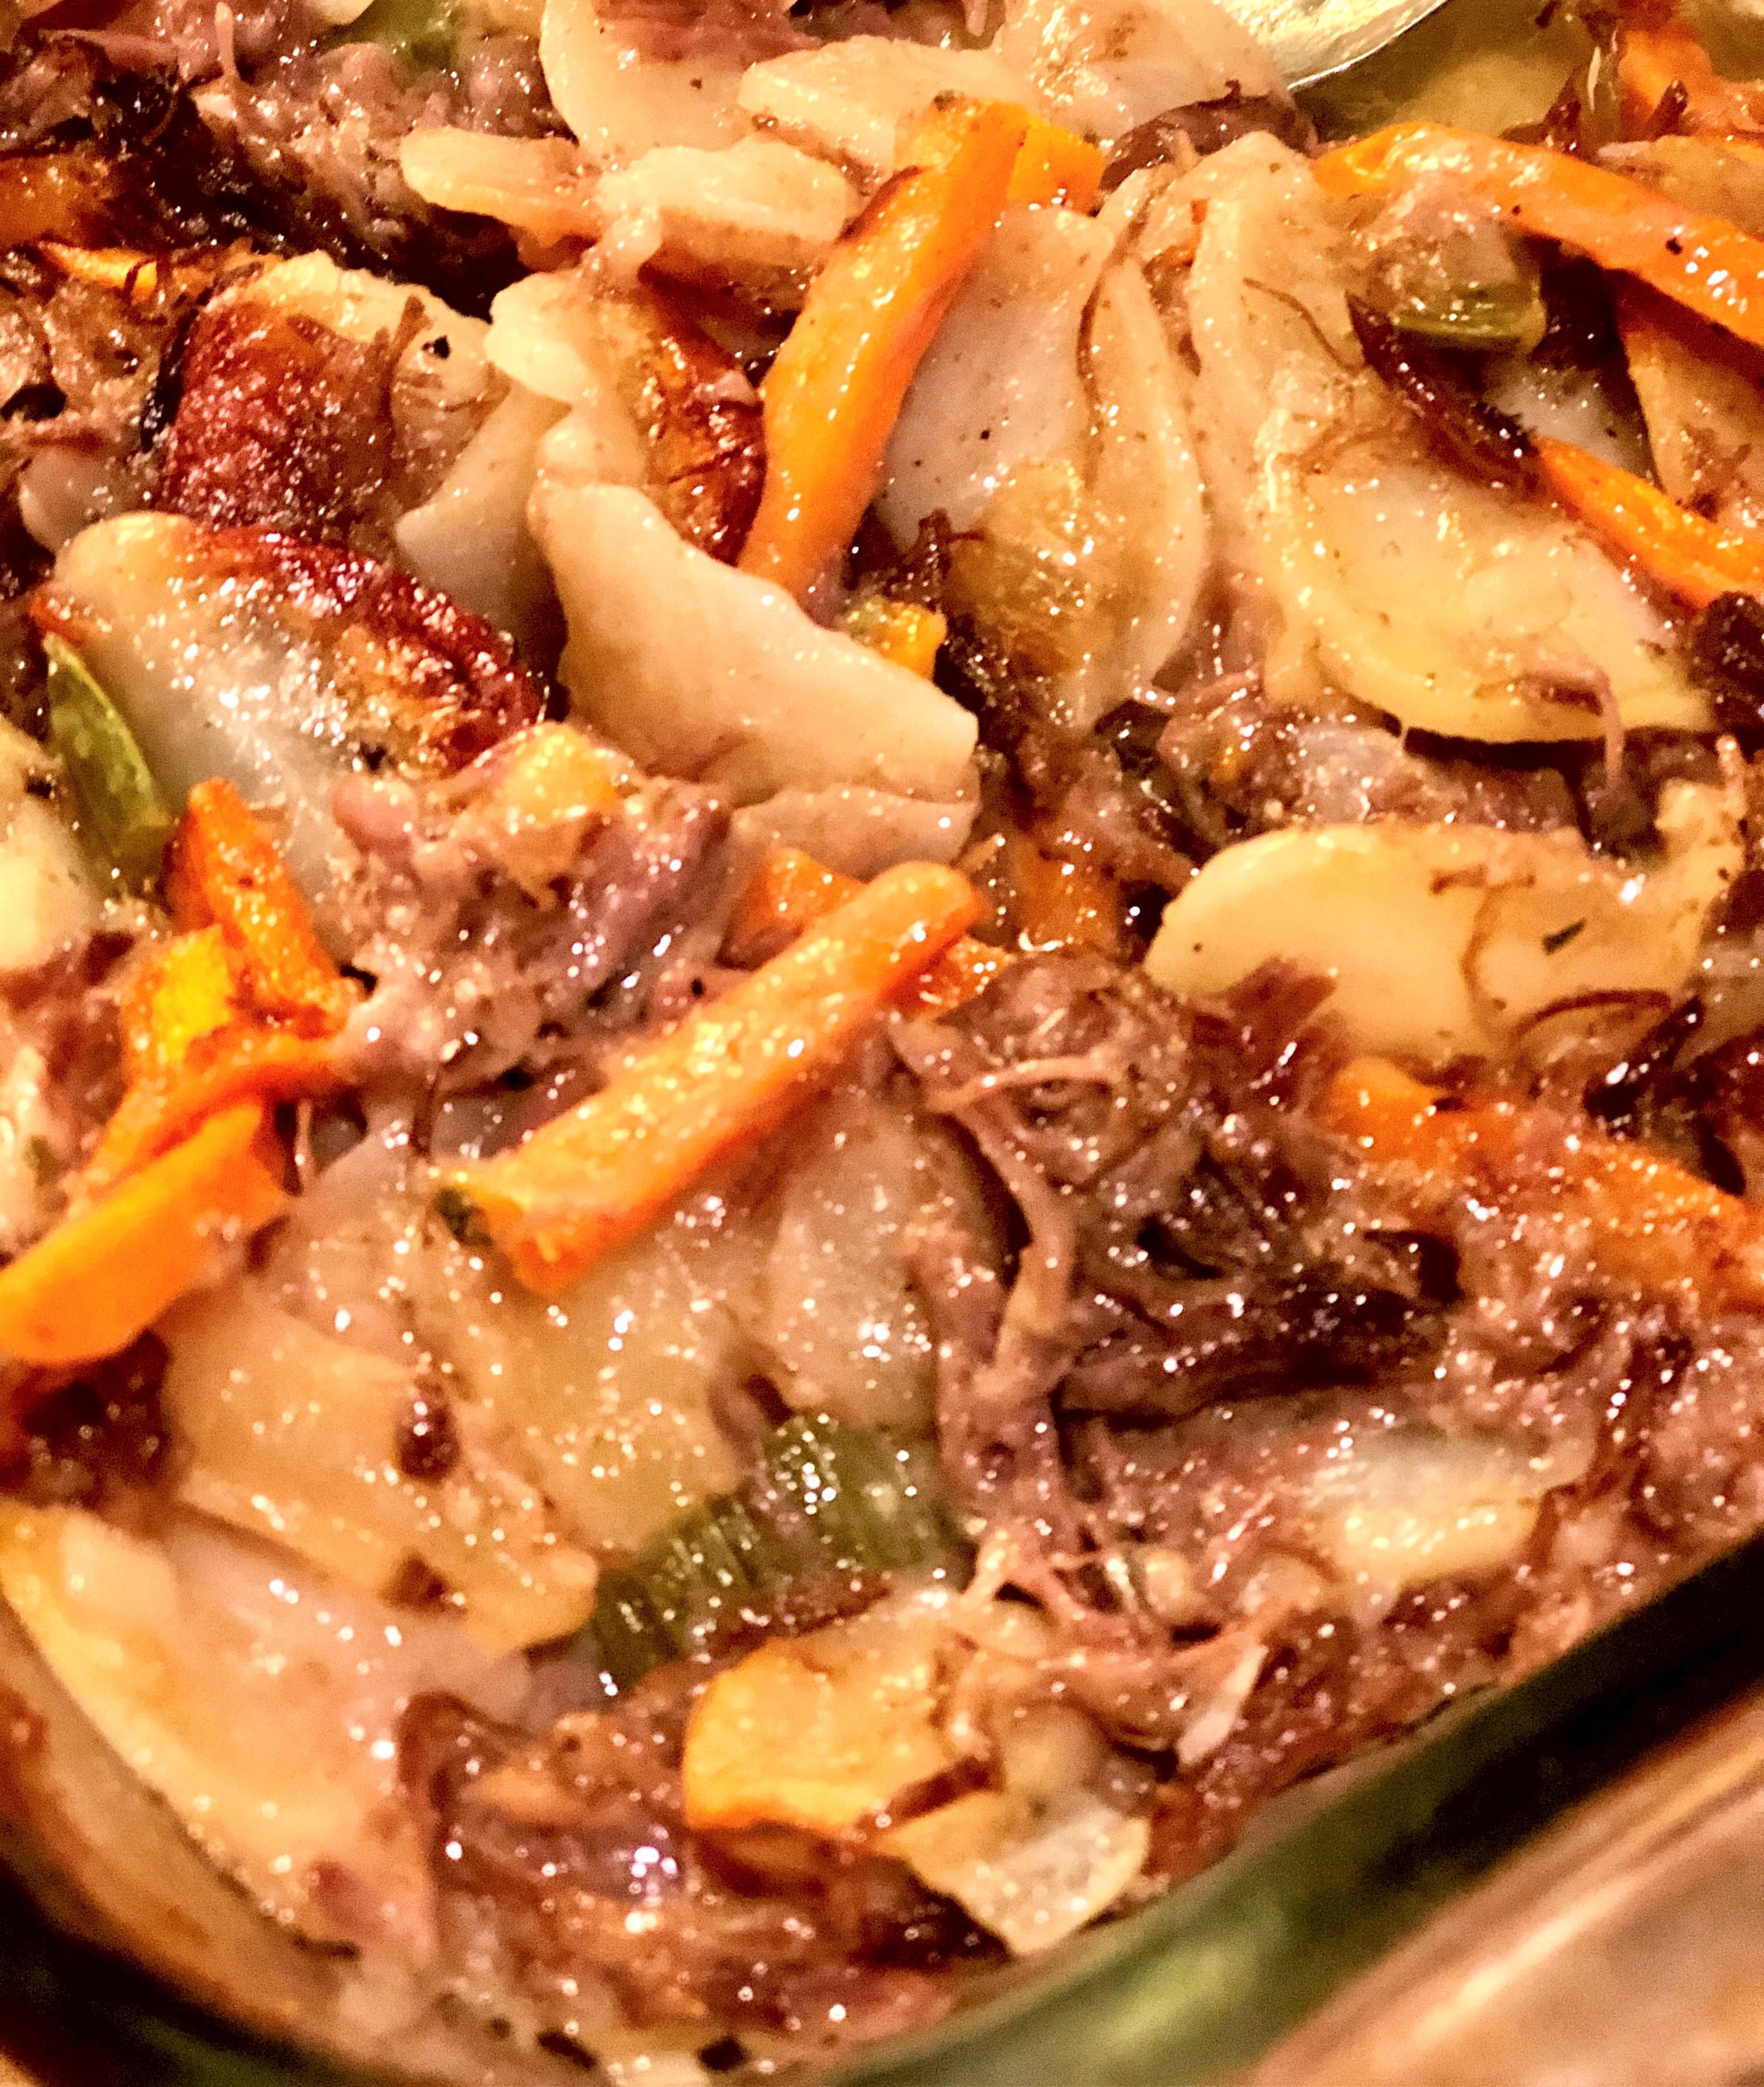 Leftover Pot Roast Casserole